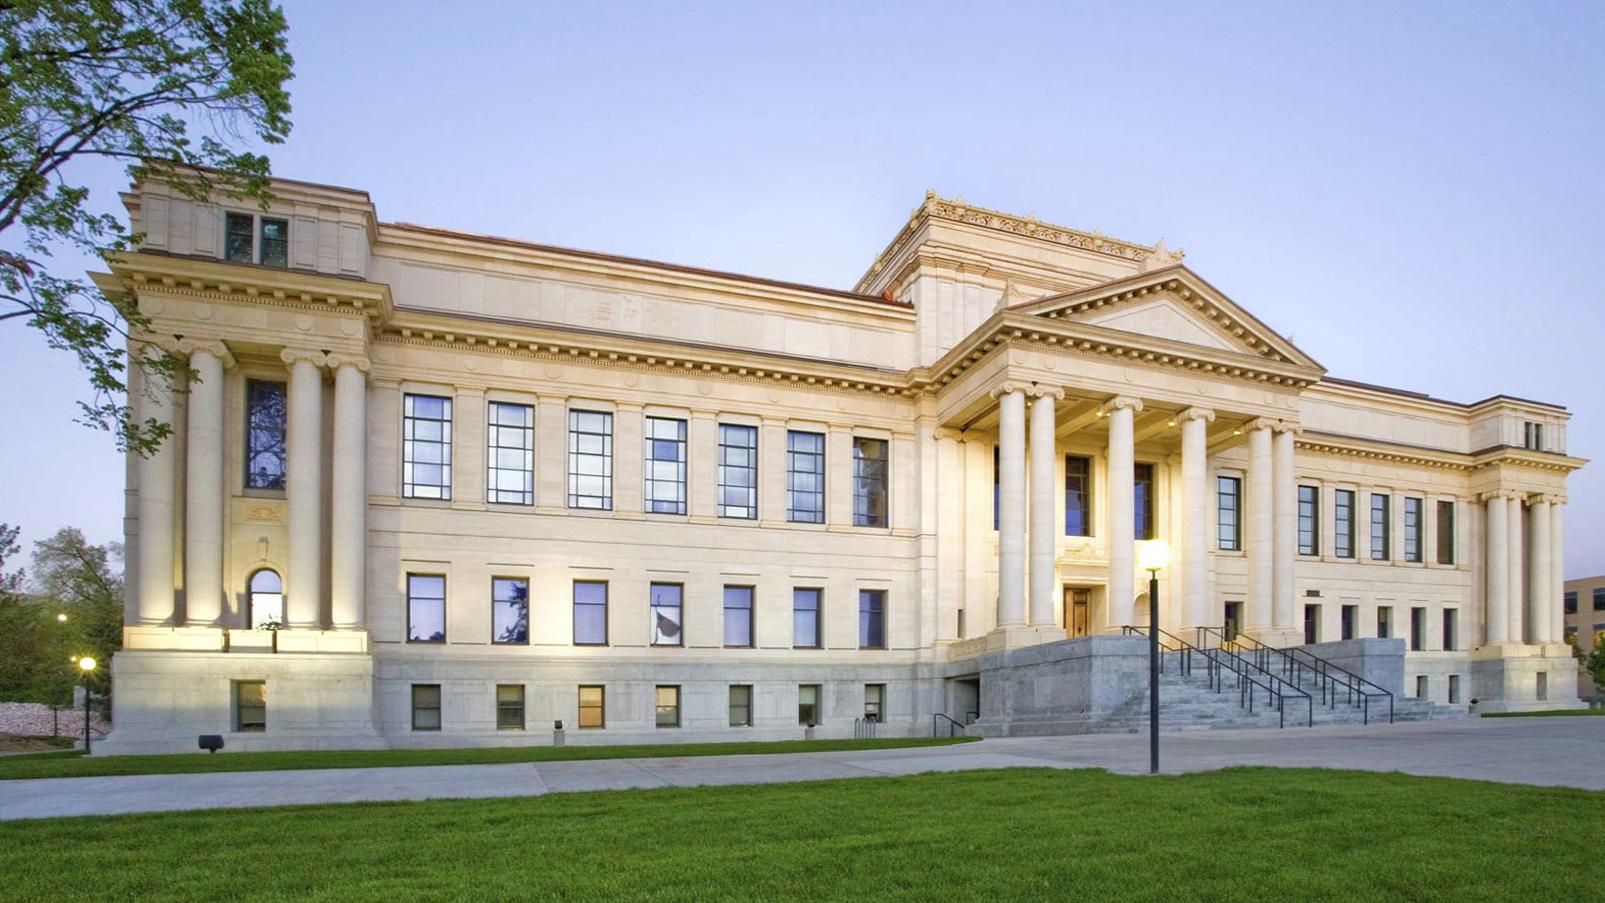 image of University of Utah